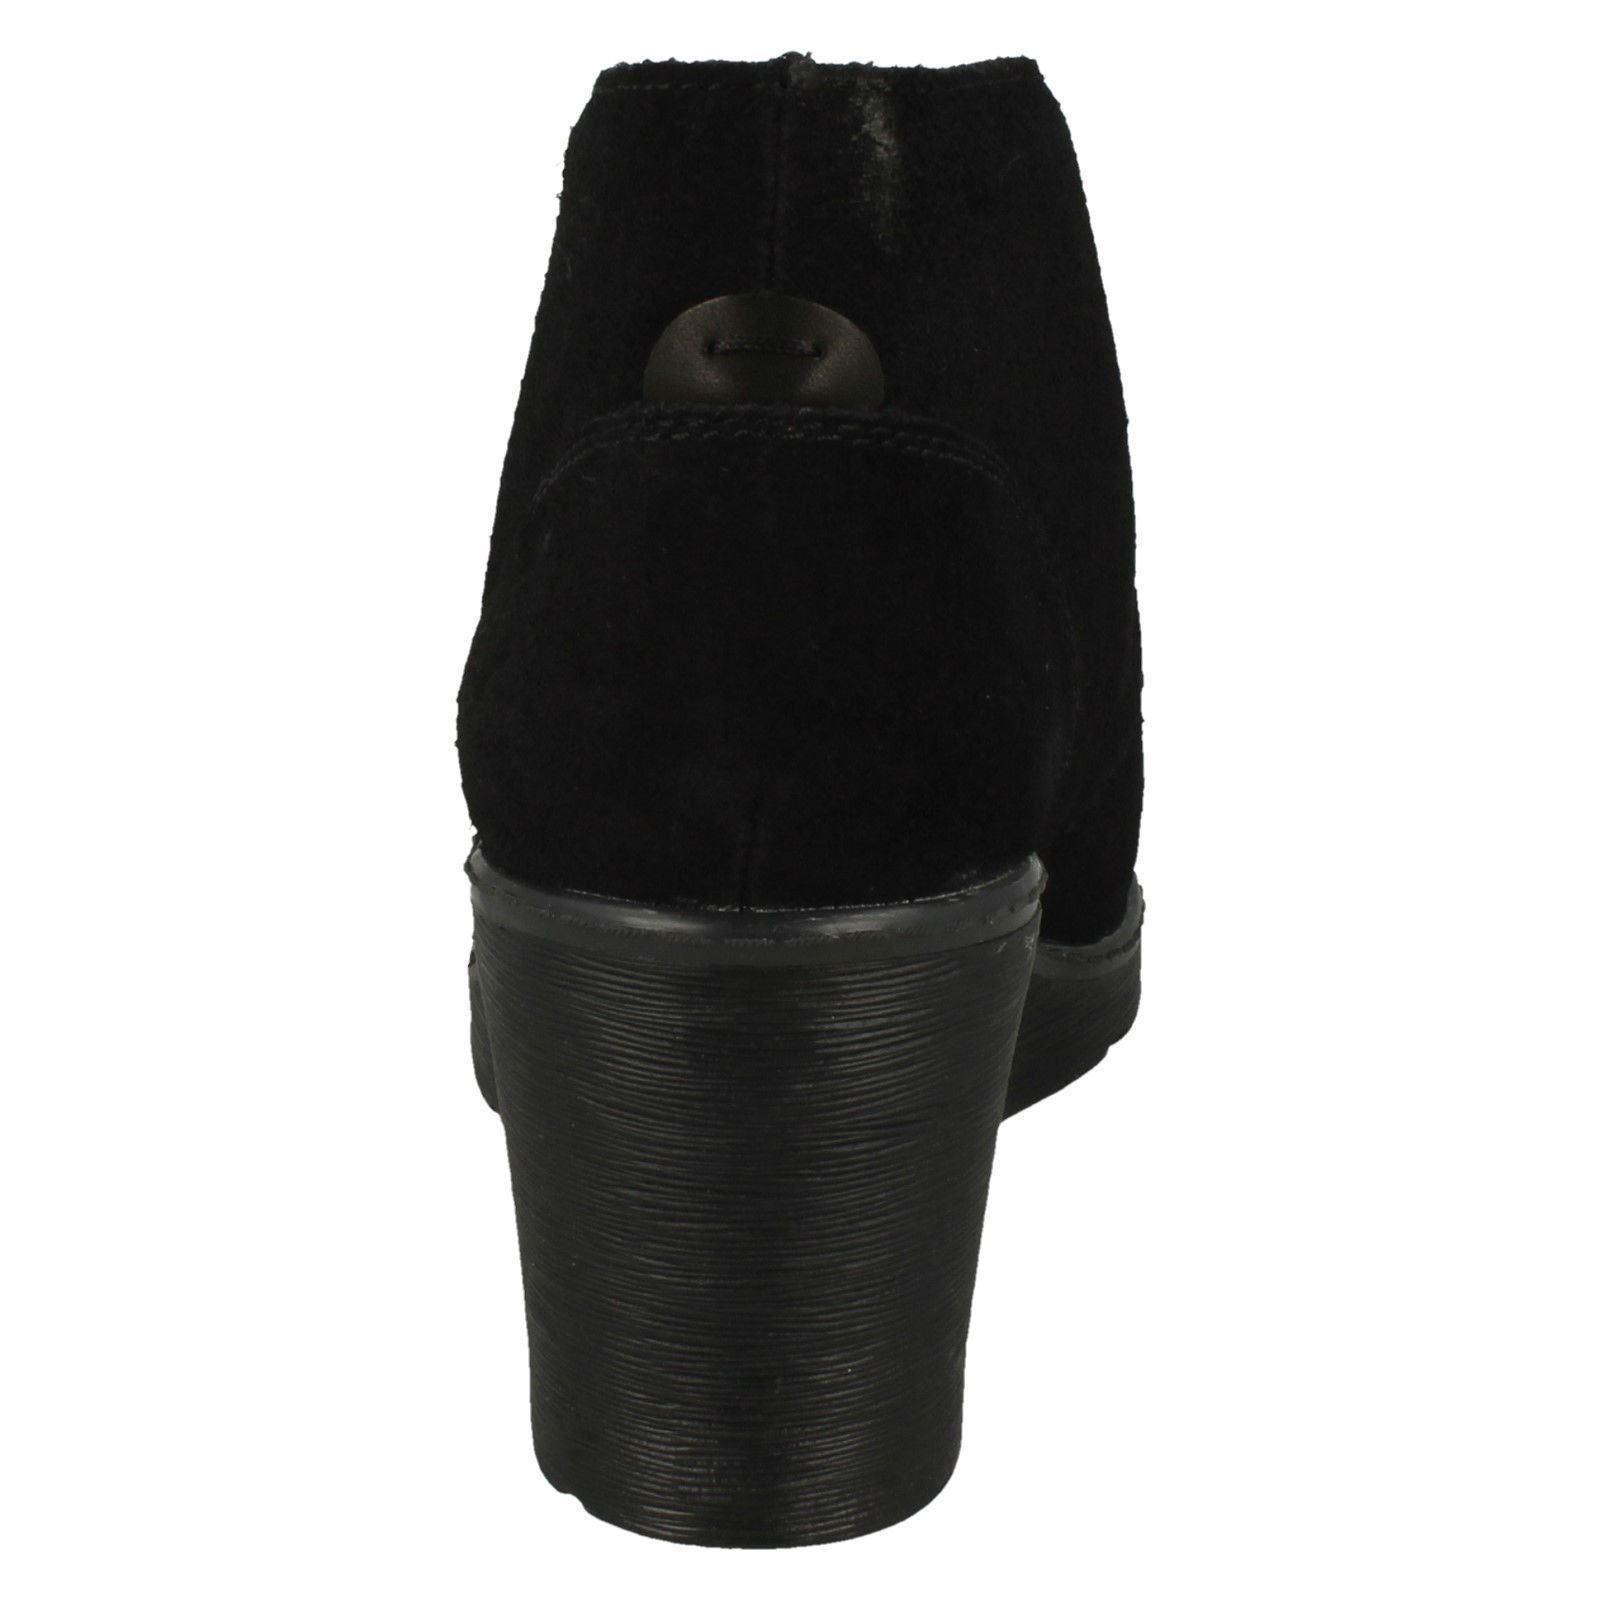 Mujer Clarks Botines con Tacón de Plataforma Hazen Dije | eBay